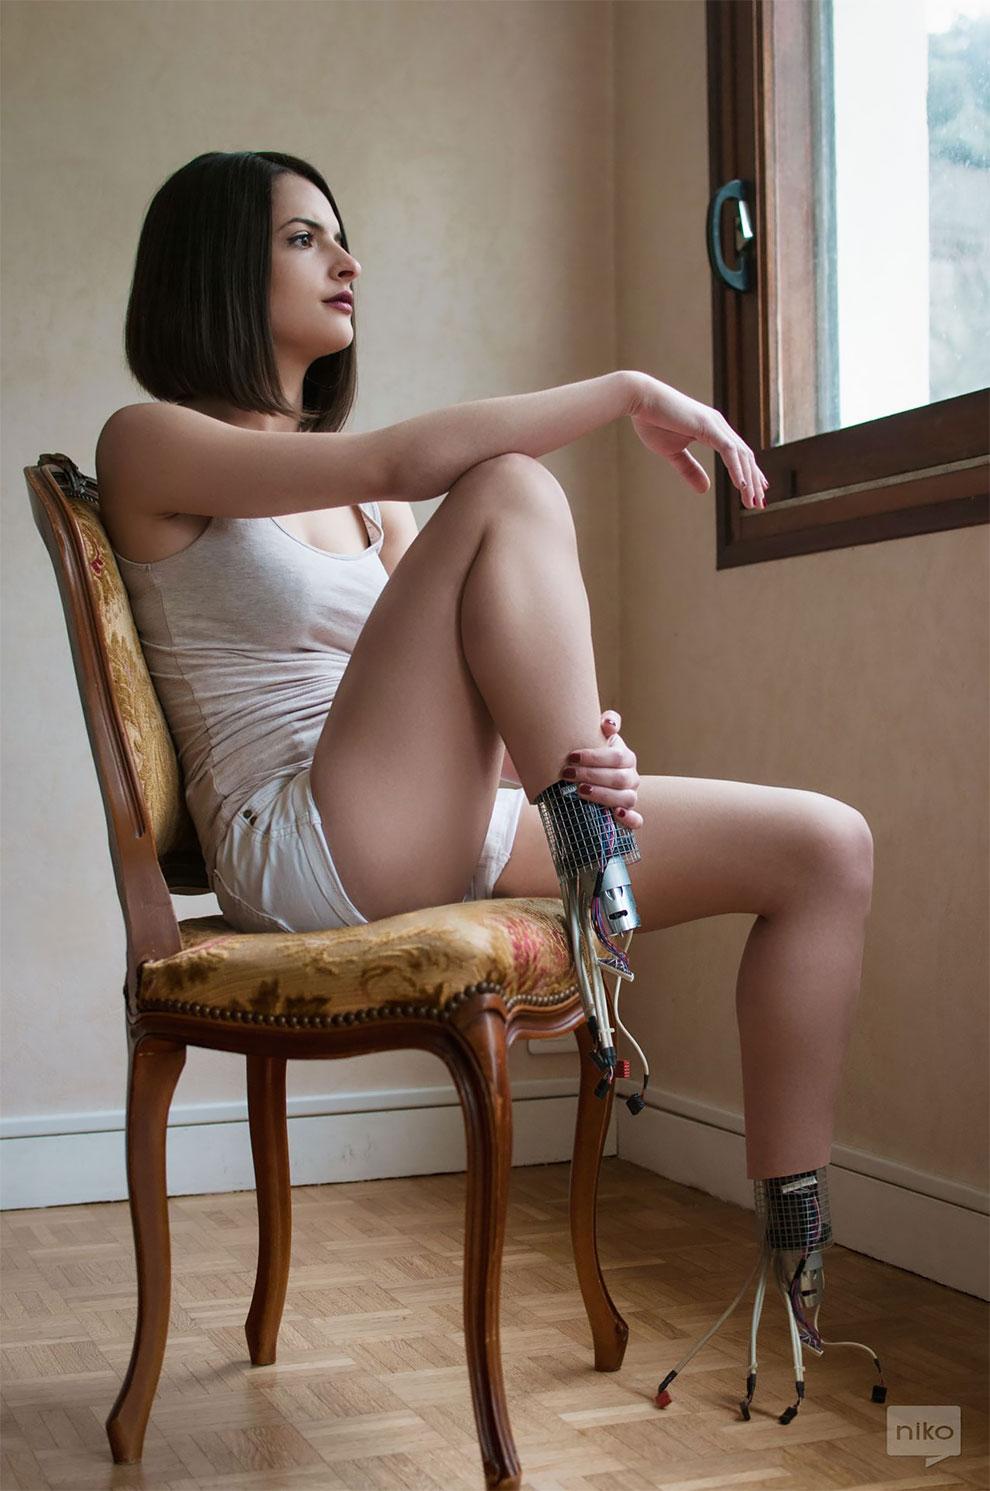 Dziewczyna siedząca na krześle z odczepionymi stopami